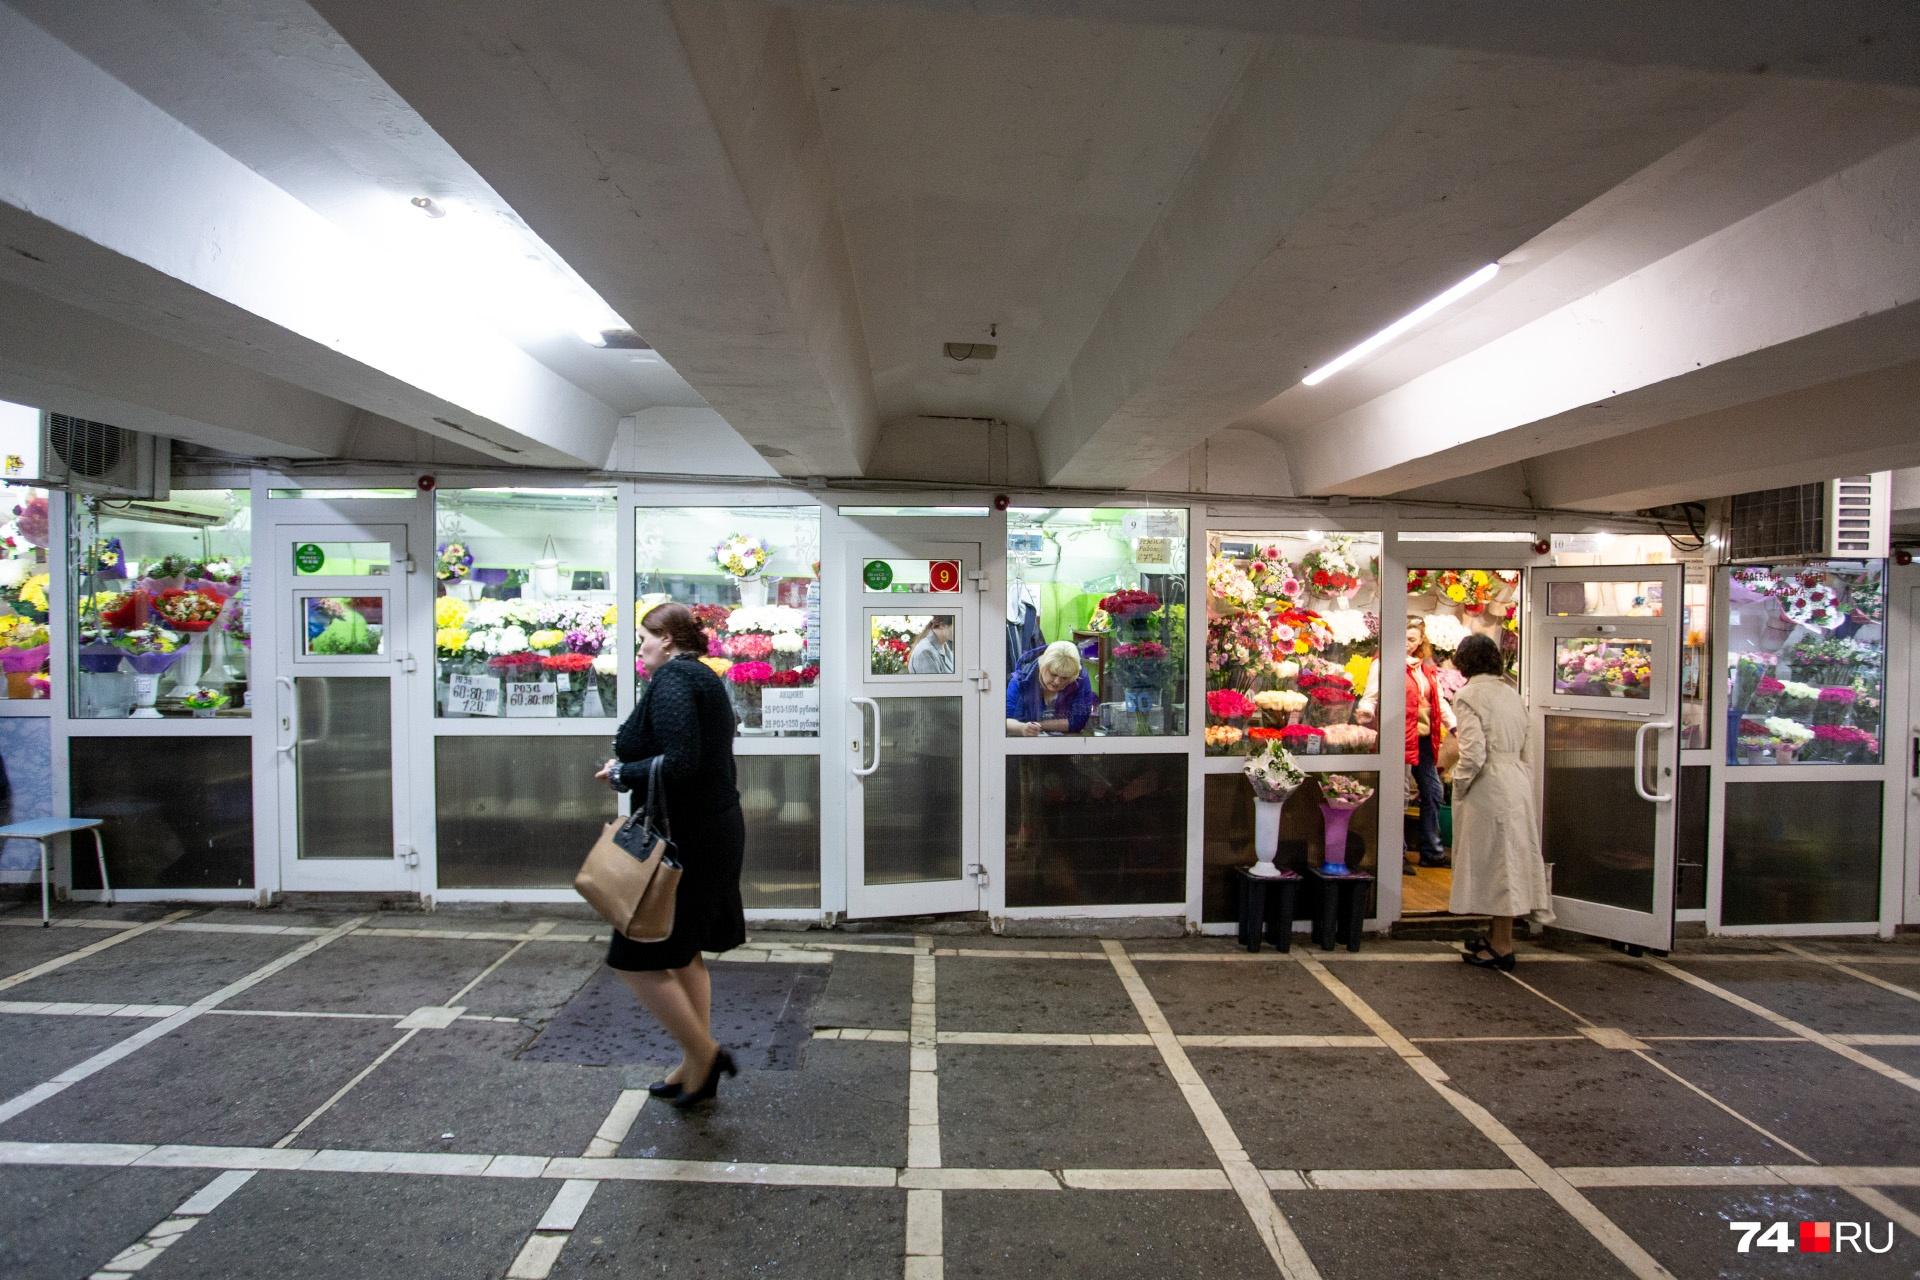 В цветочных киосках, по словам их продавцов, плата варьируется от 20 тысяч до 40 тысяч рублей в месяц